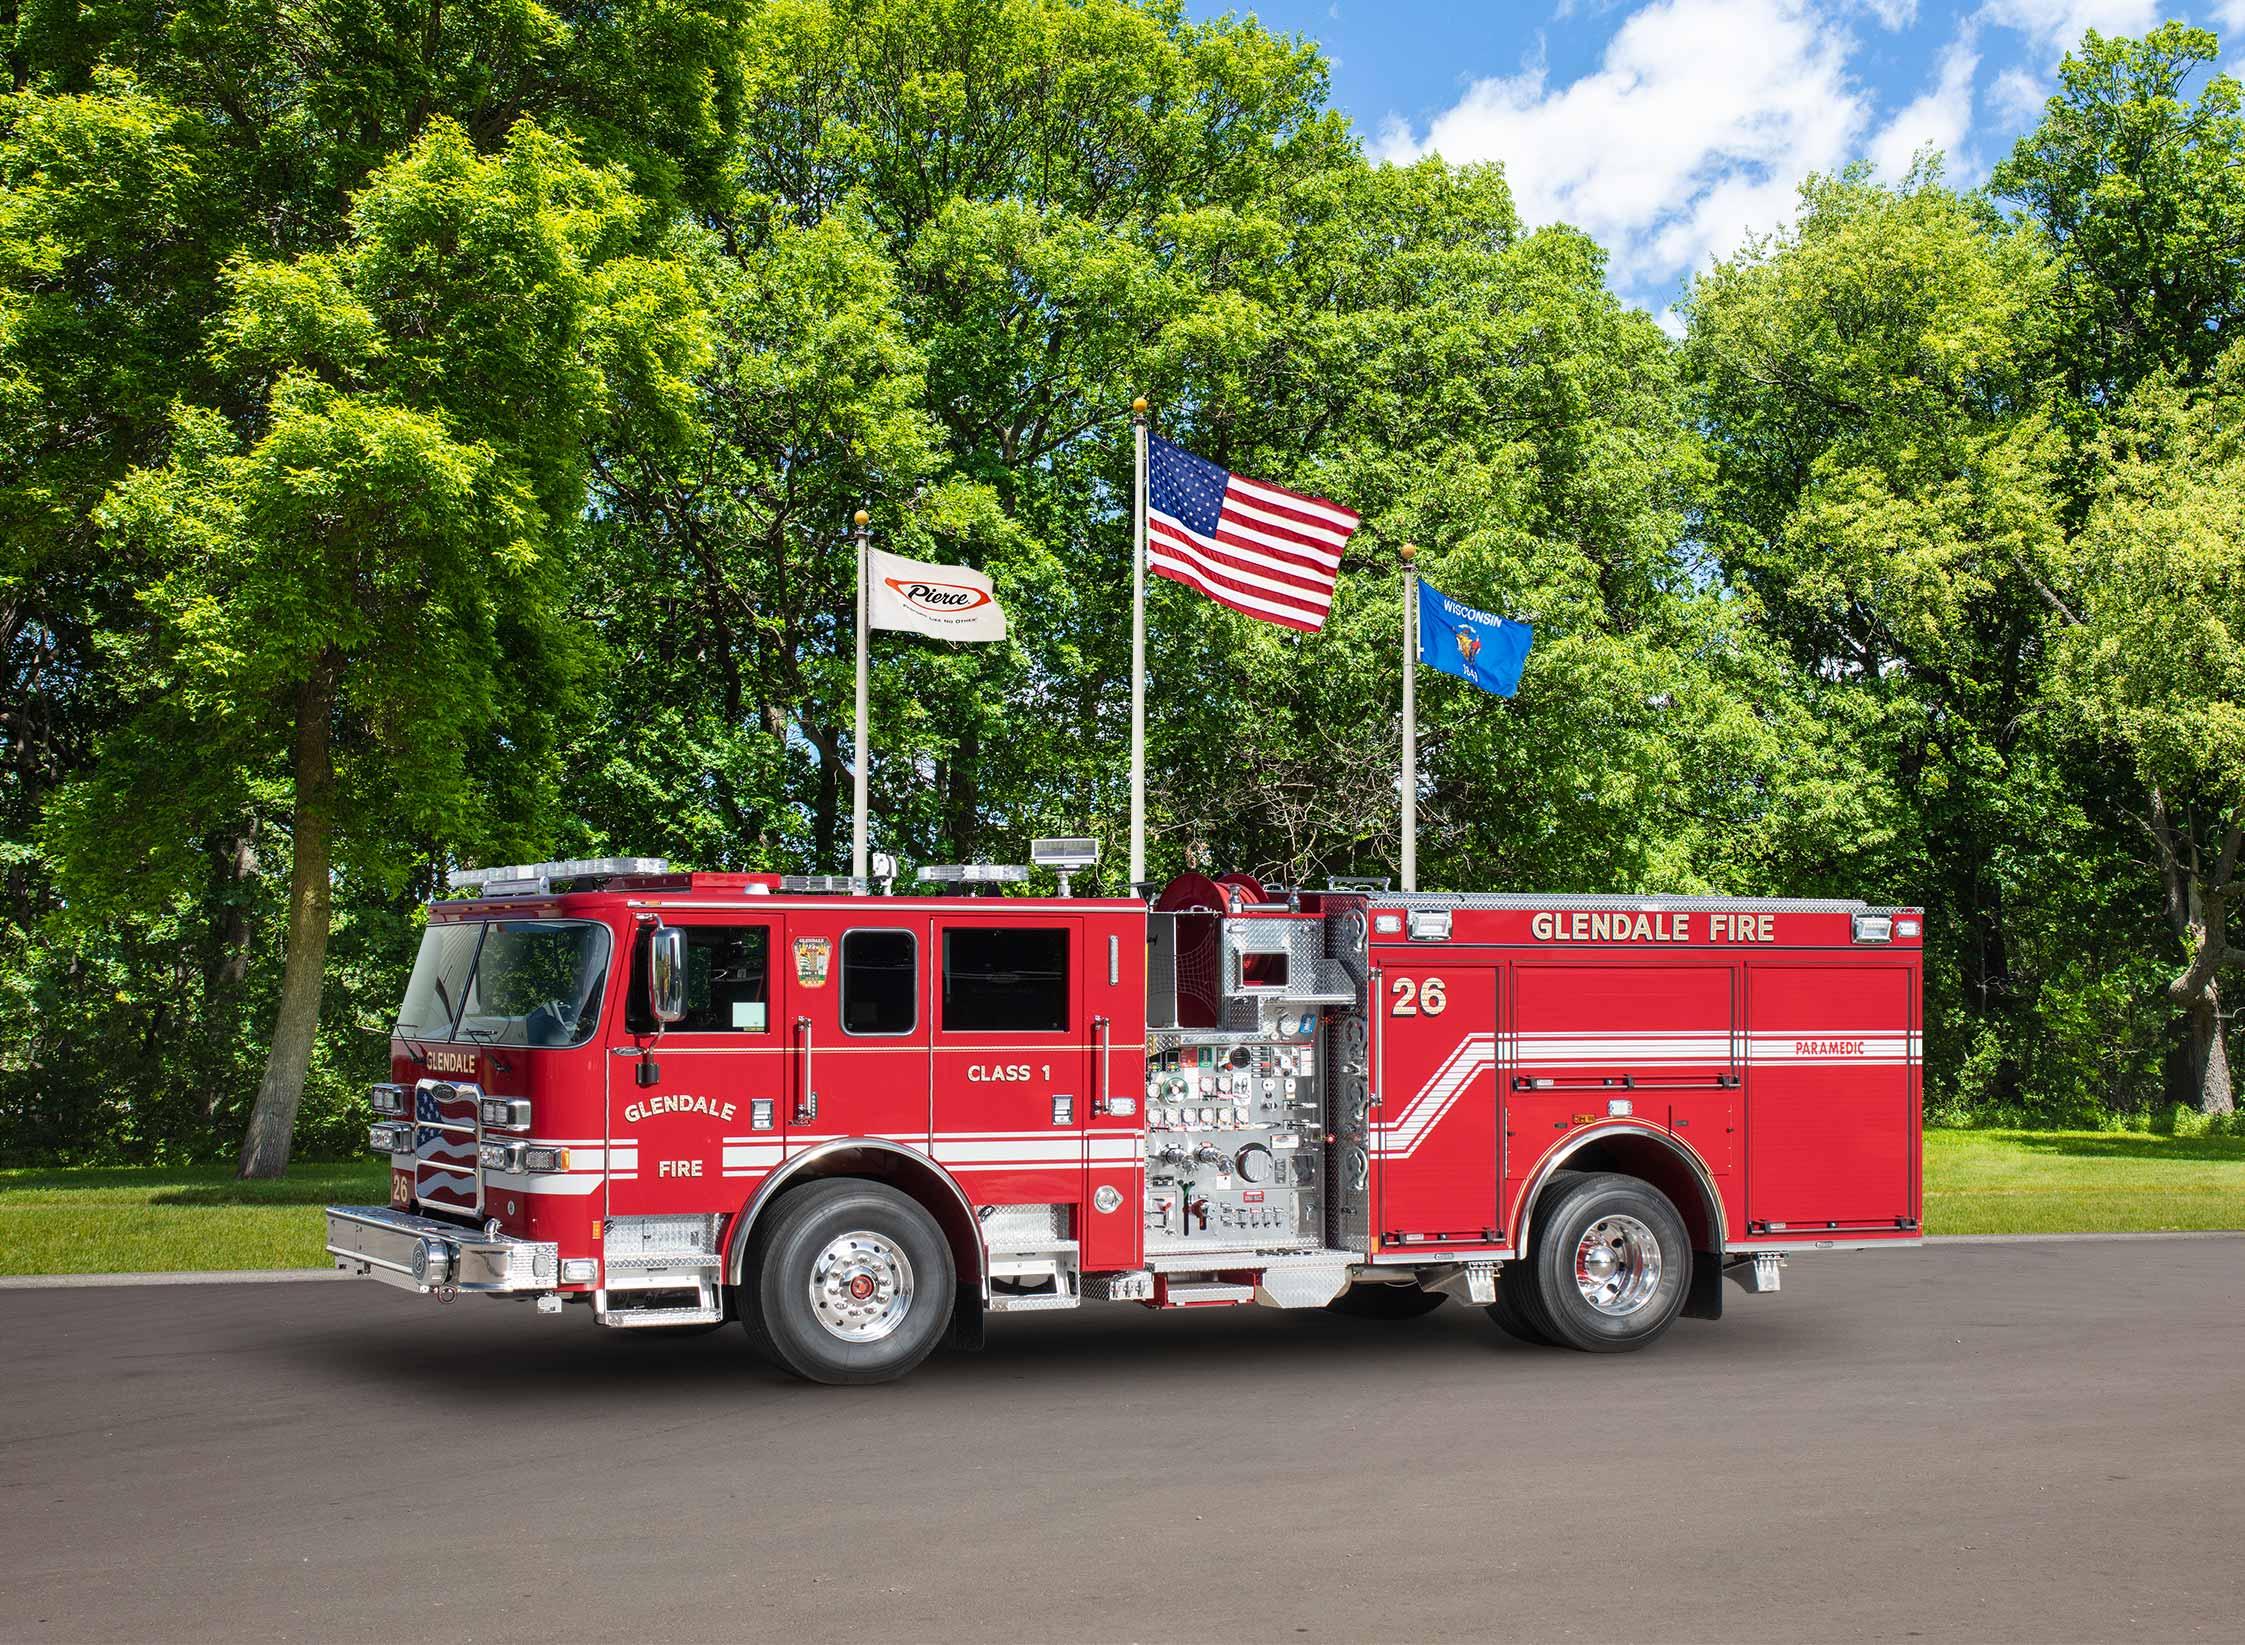 Glendale Fire Department - Pumper